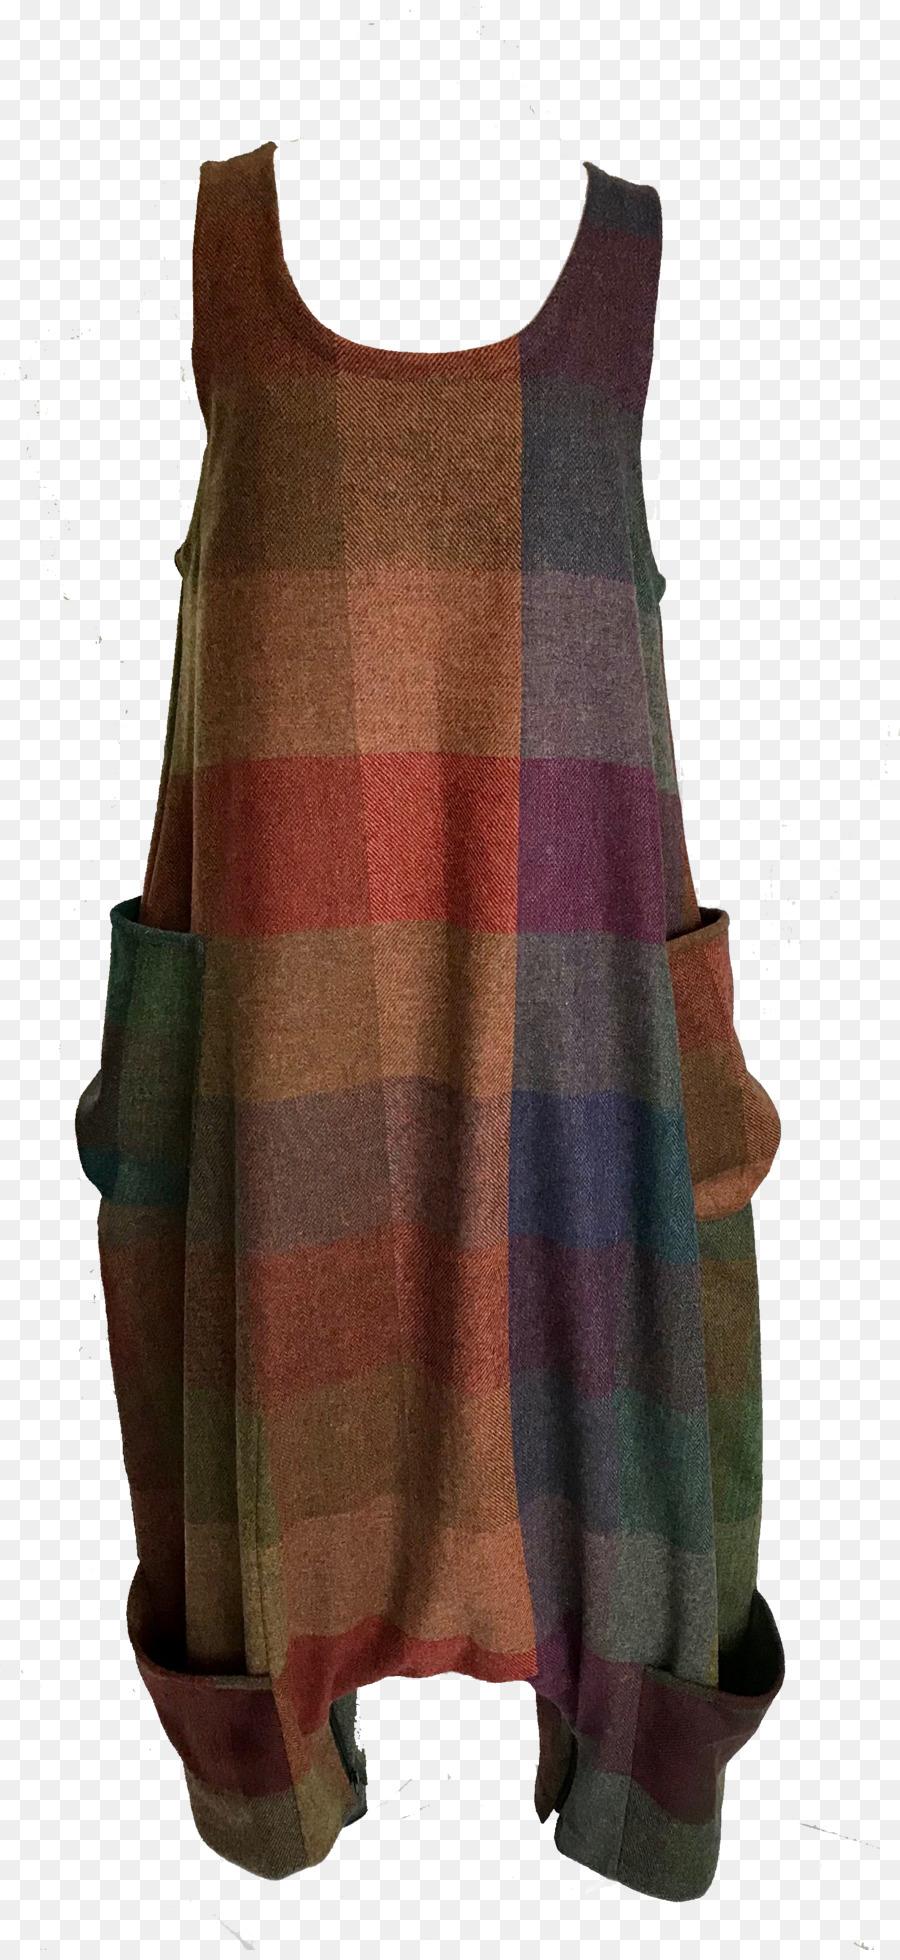 Tartan Clothing Yarn Knitting Pattern Check Pattern Png Download